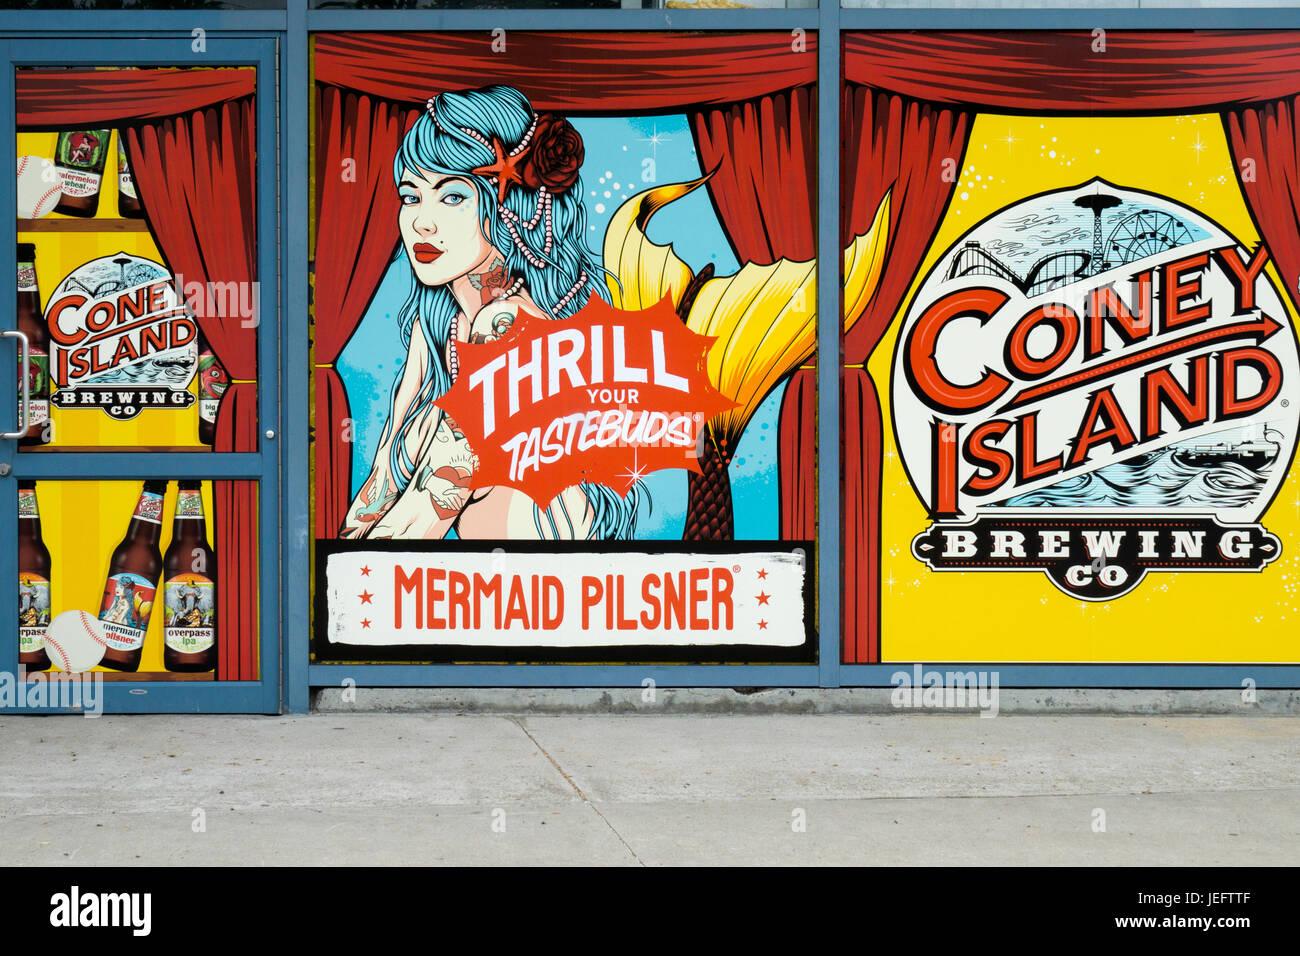 Altmodische Zeichen auf der Außenseite des Coney Island Brewing Company, eine Bar, die spezialisiert auf Craft Stockbild